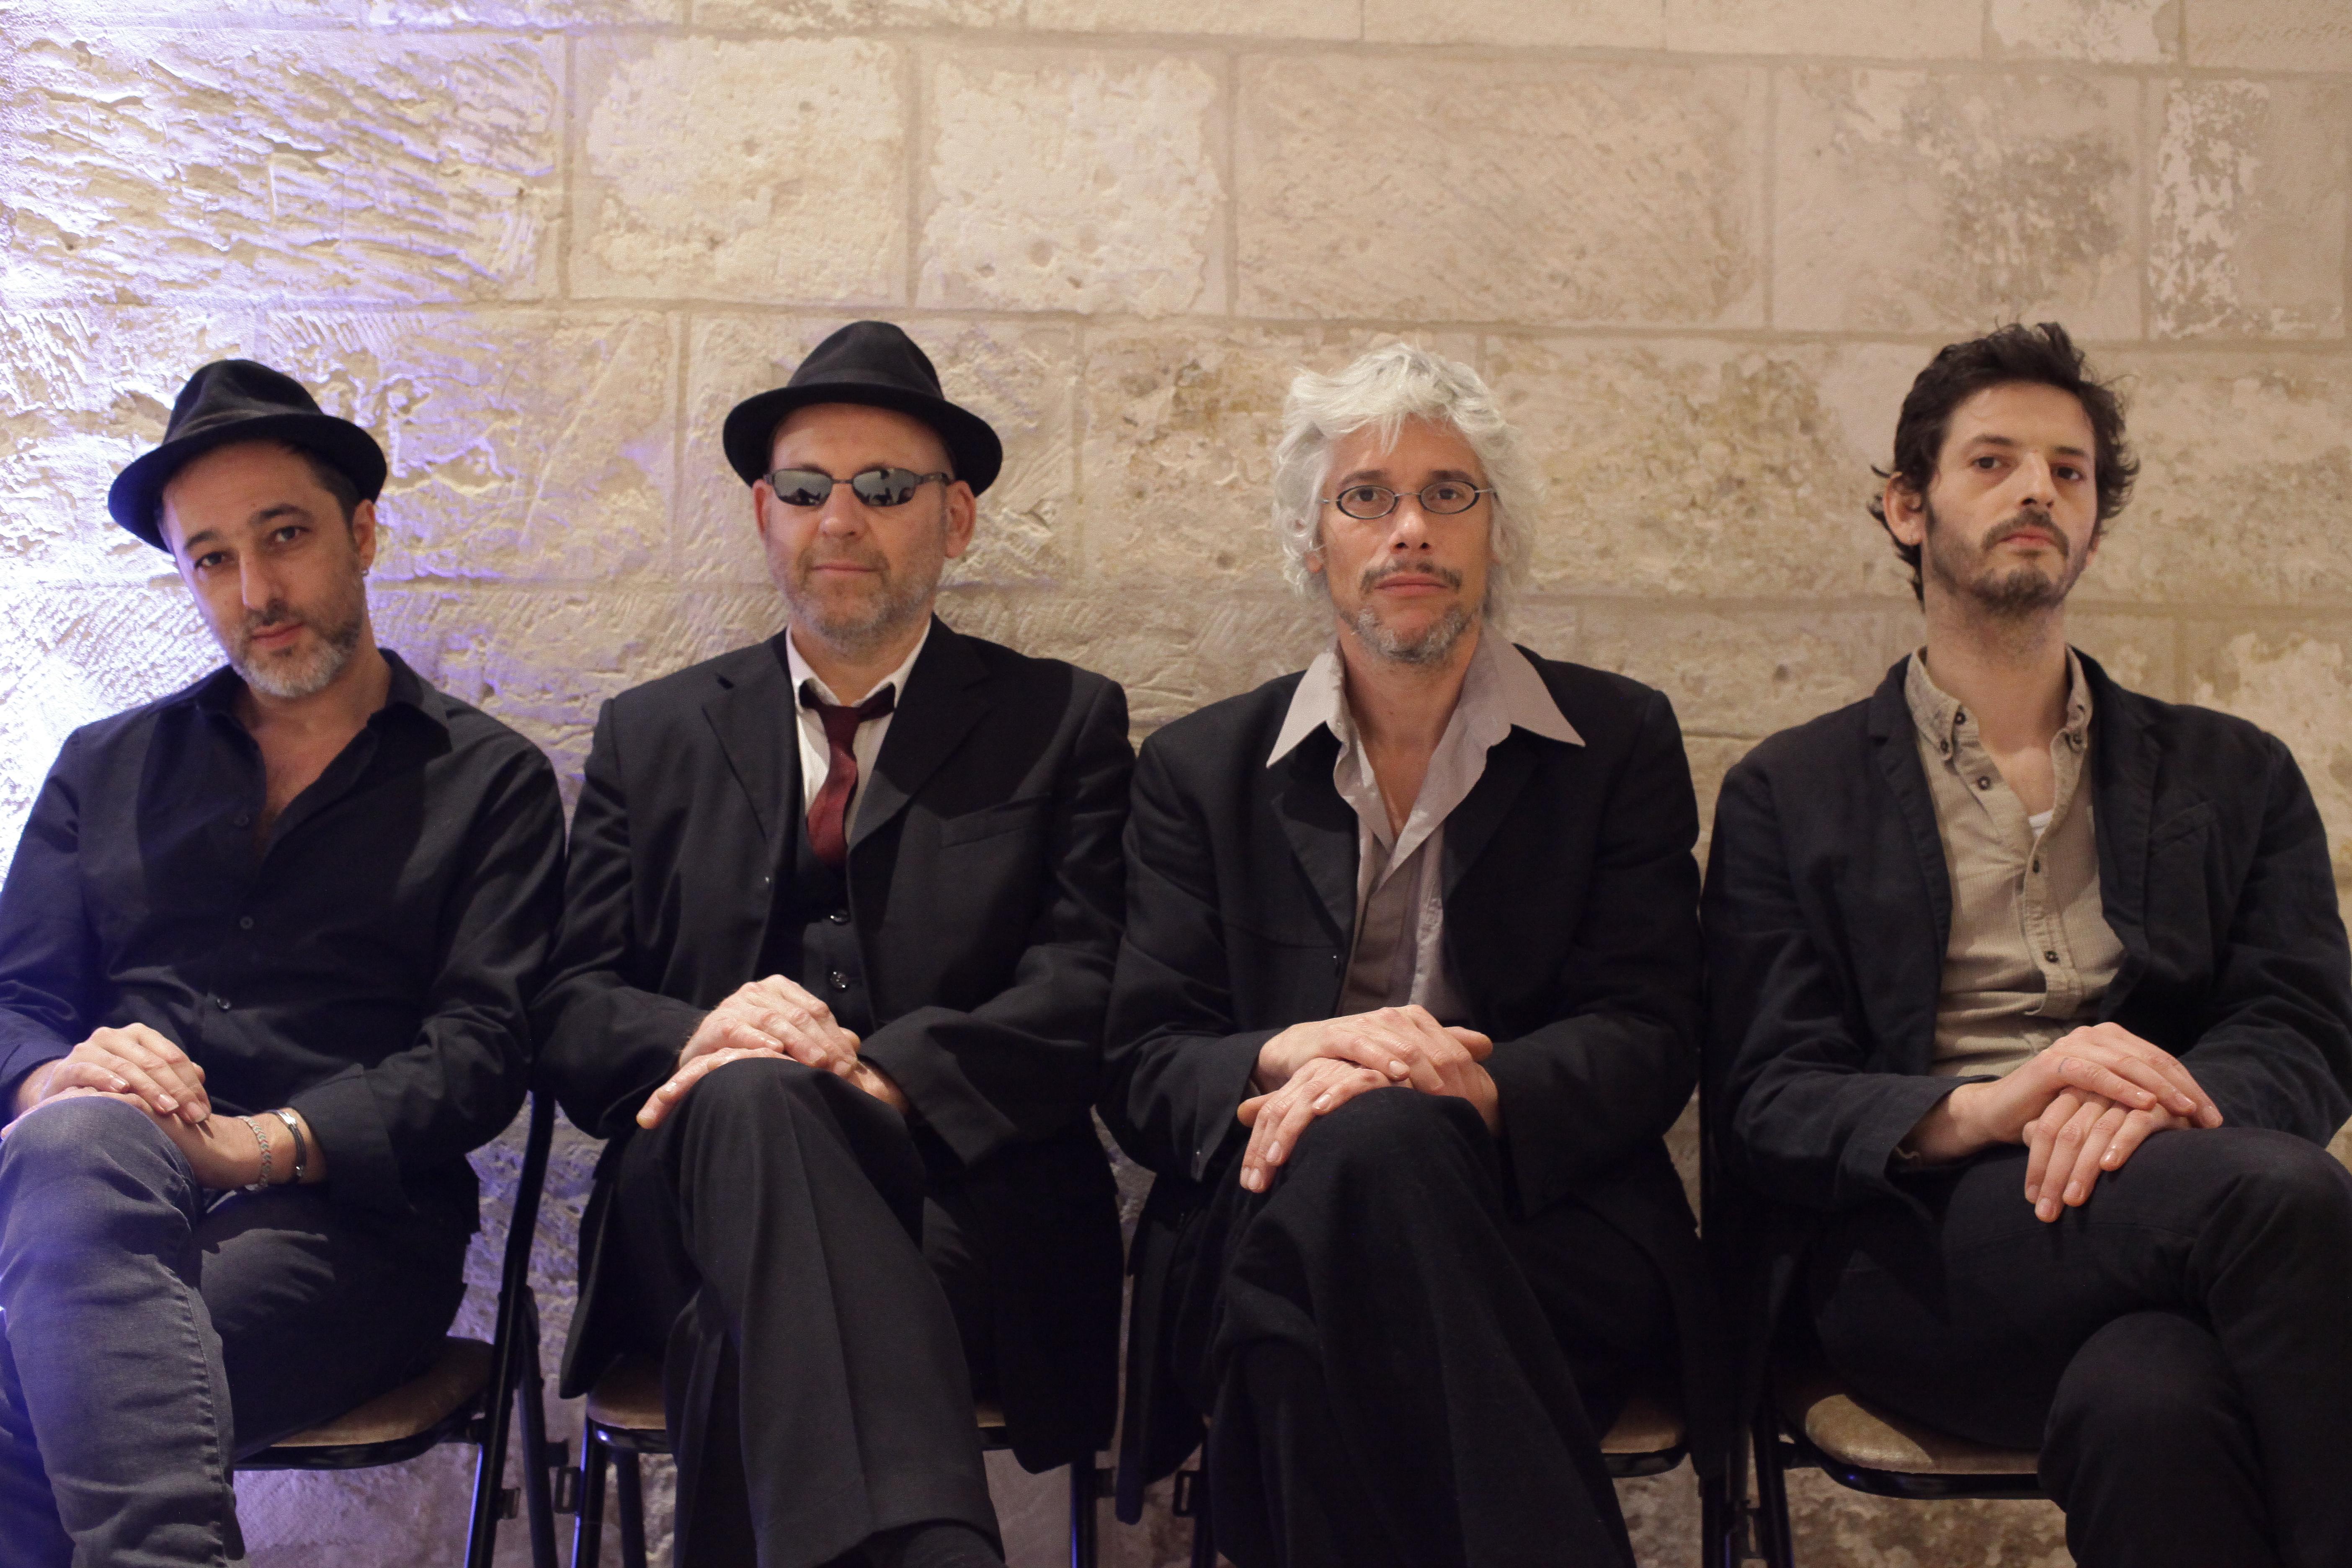 Ciné-concert : Xavier Demerliac et l'Attirail @ Salle polyvalente, Coudray Saint Germer